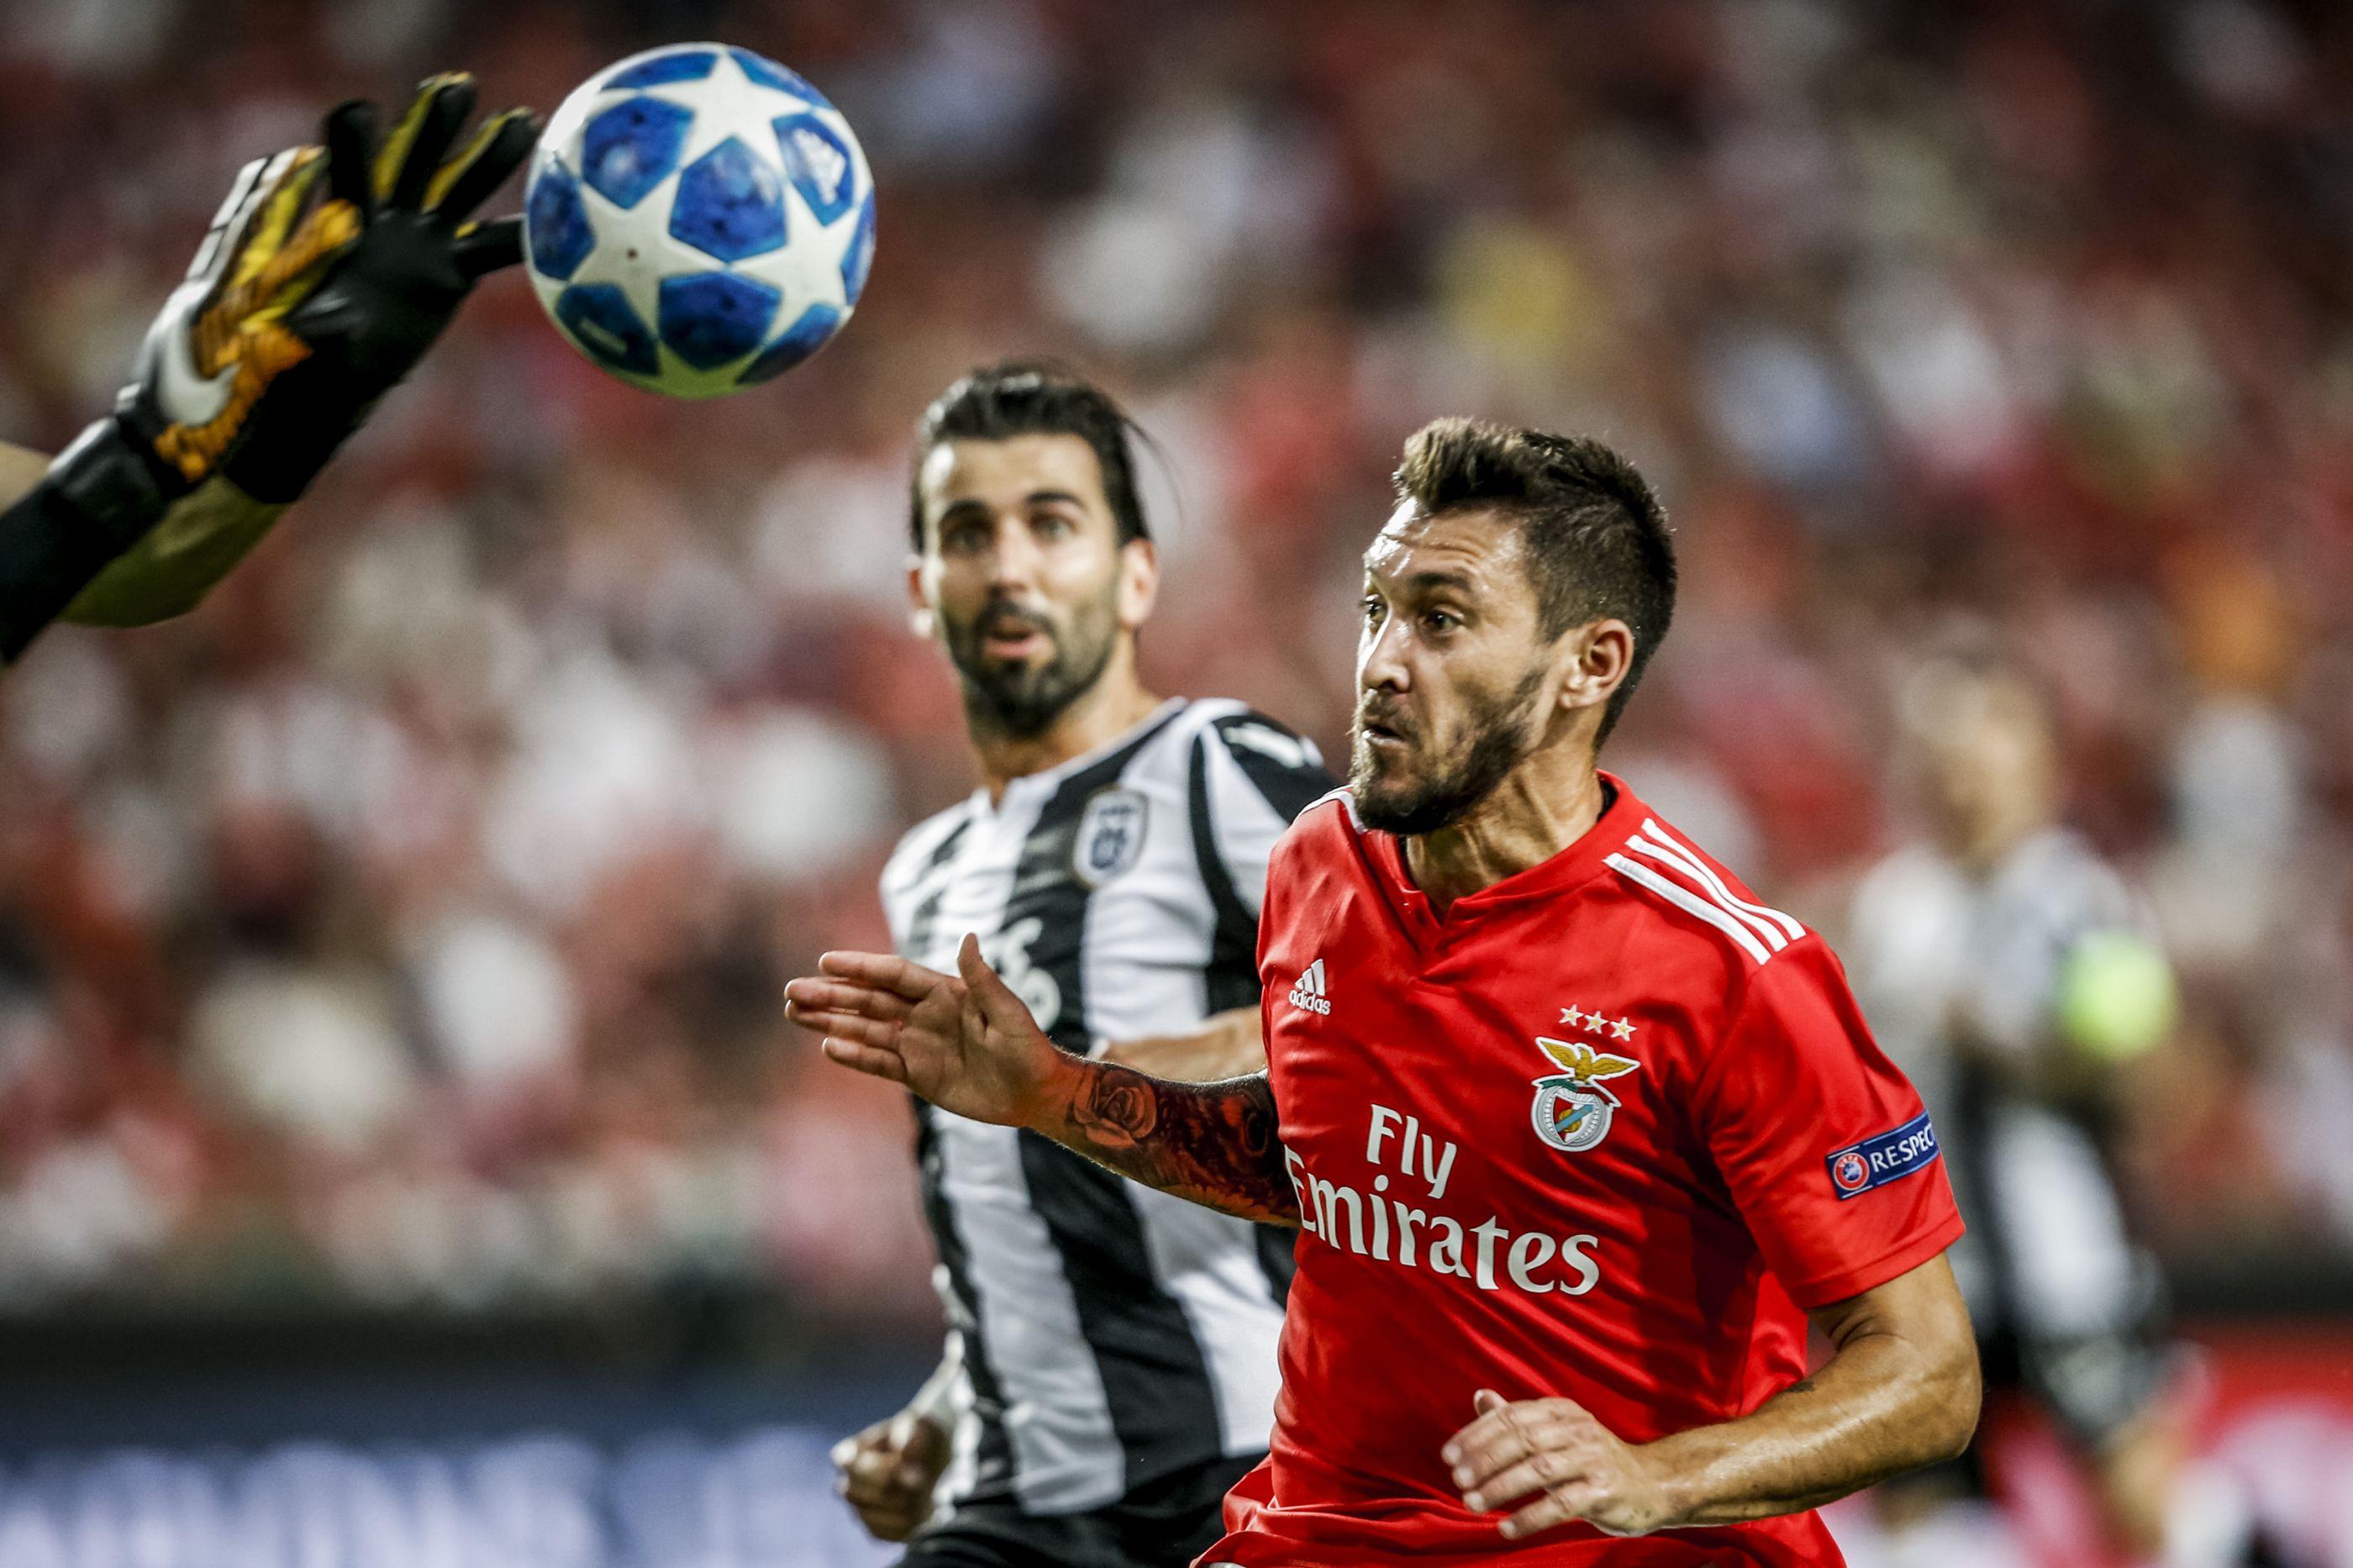 Emissário do Frosinone em Lisboa para levar trio do Benfica